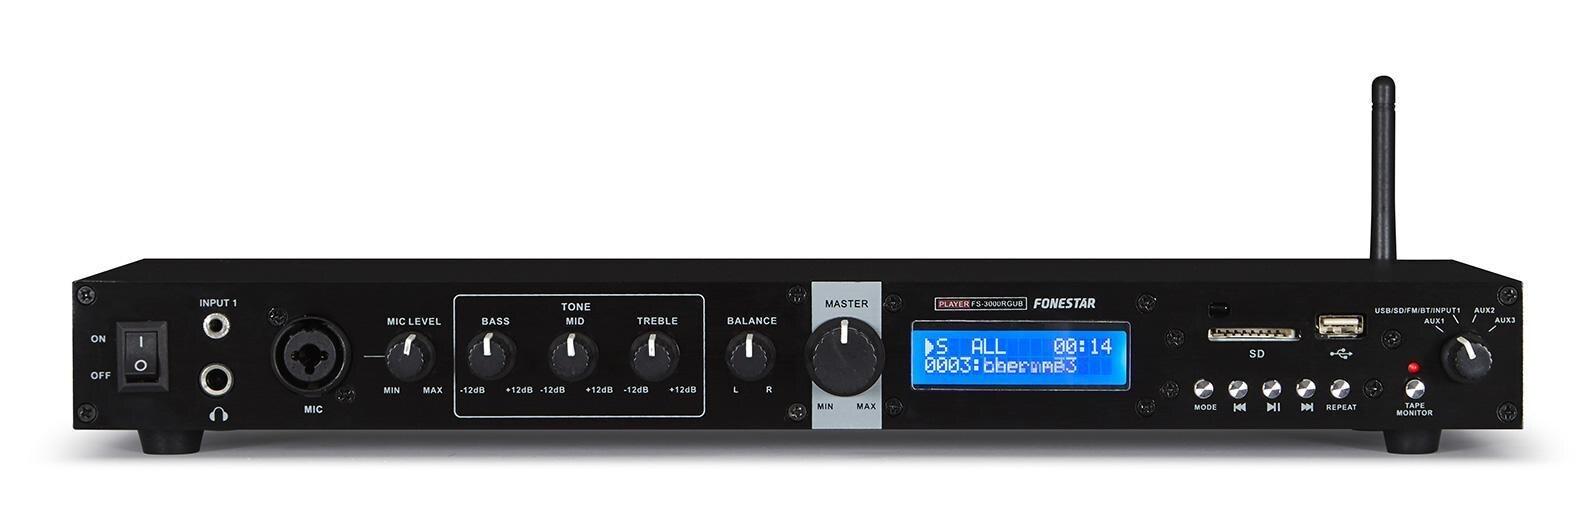 Solam enregistreur mixeur USB Mp3 Bluetooth Fonestar